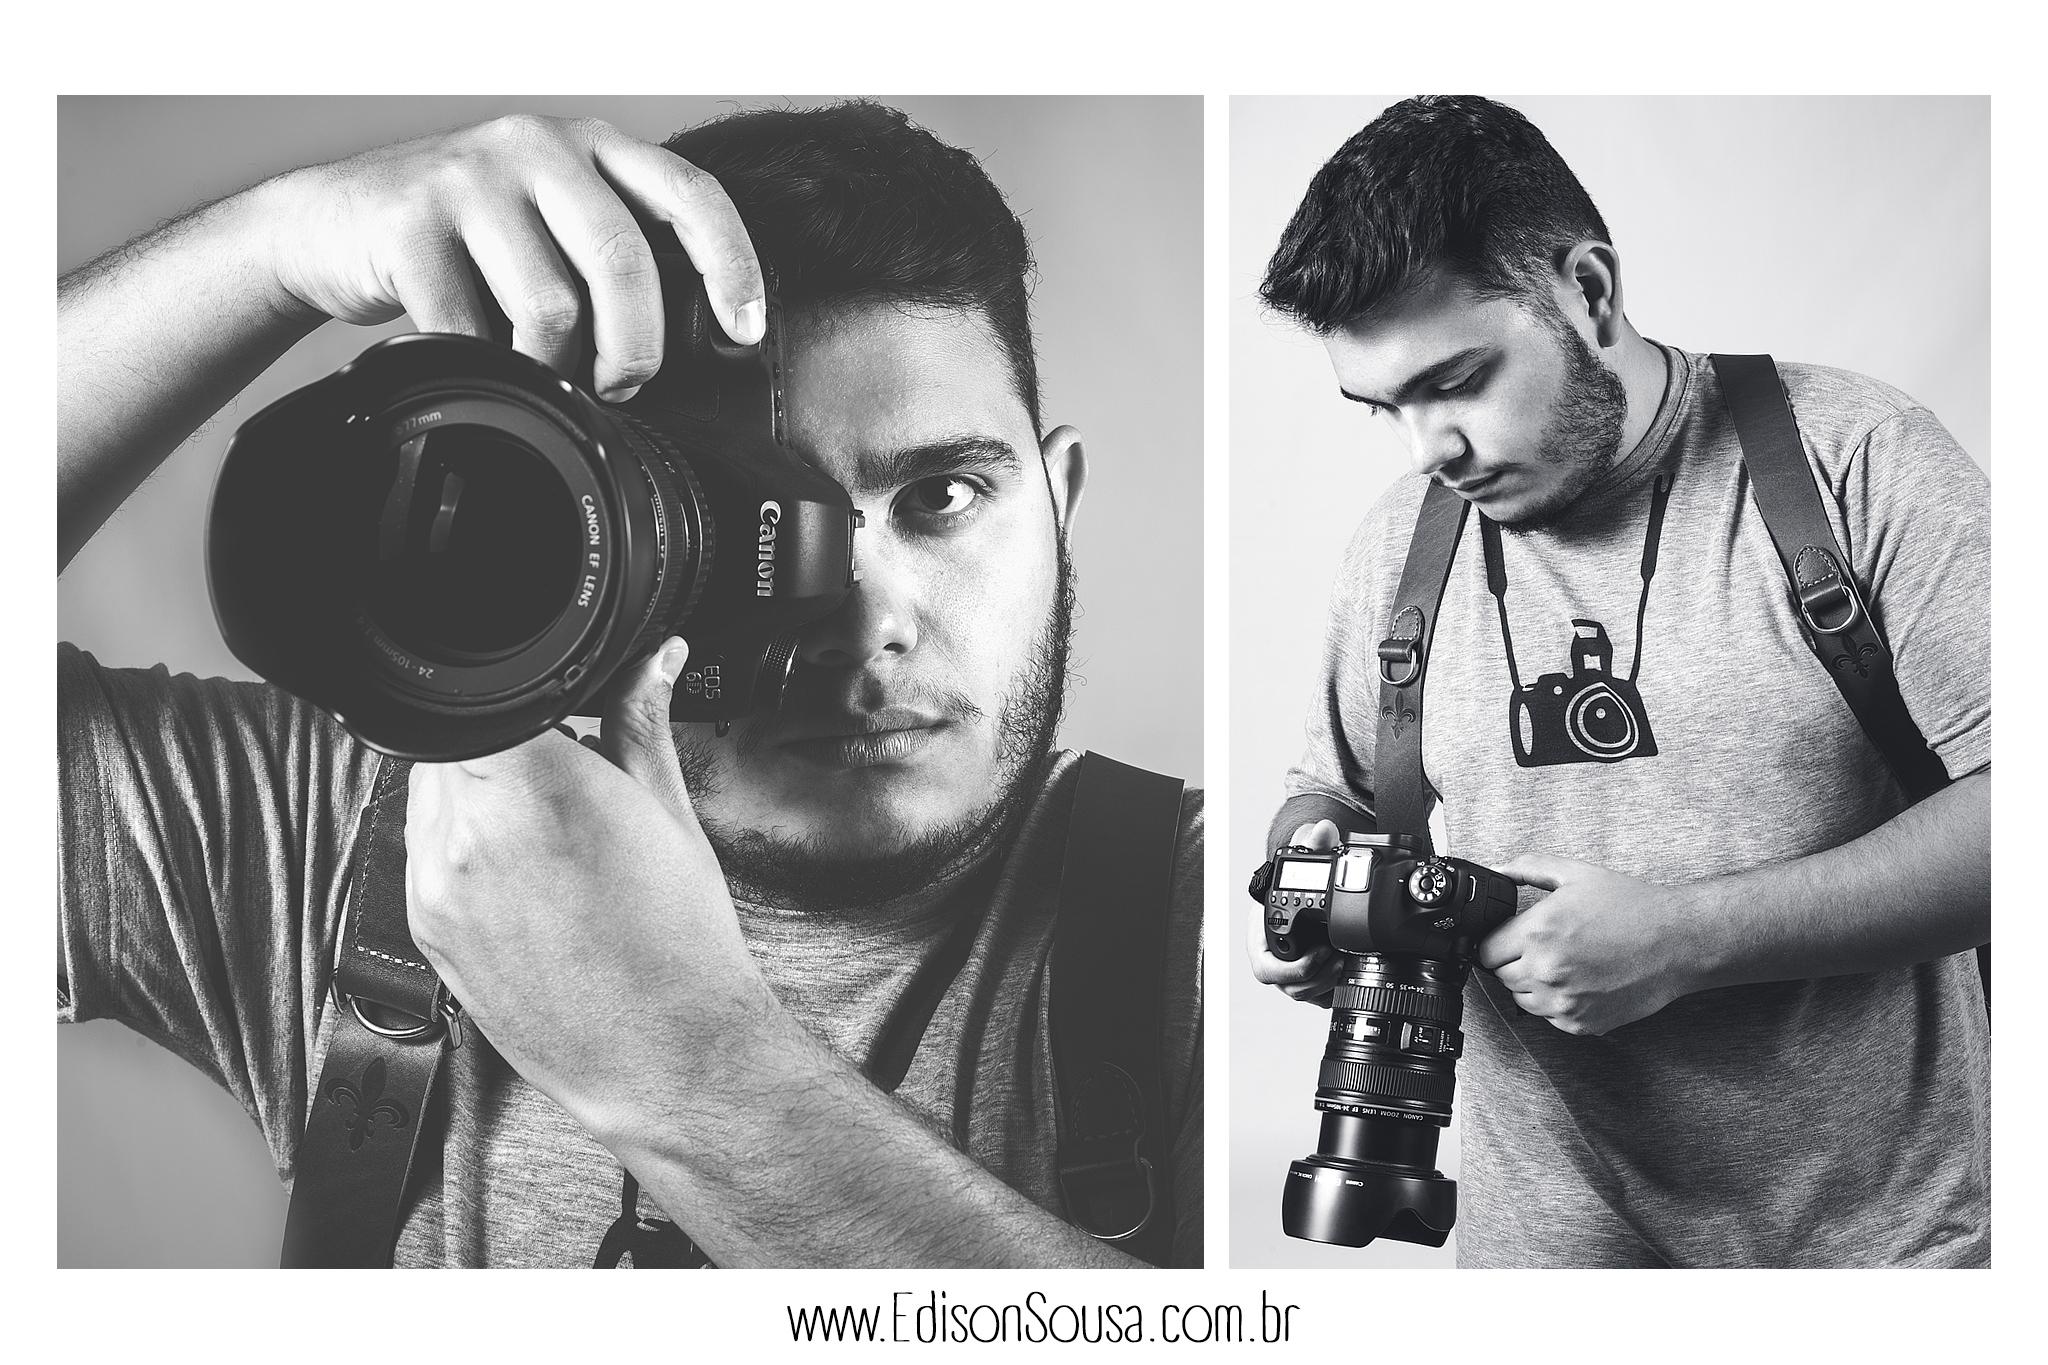 Sobre Edison Sousa Fotografia